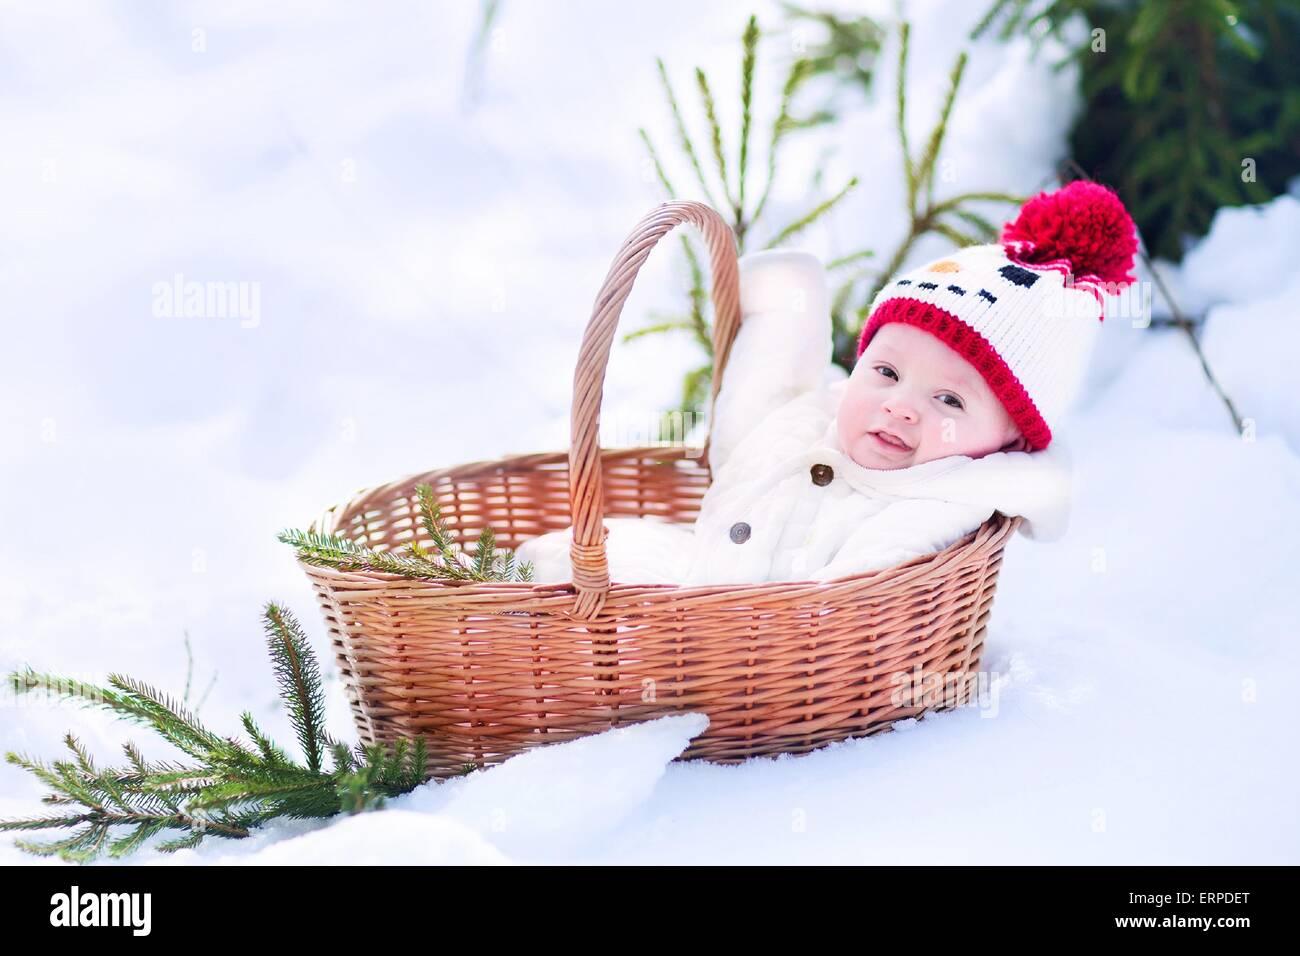 Lustige happy Baby junge trägt ein warmer Schneeanzug und einen ...